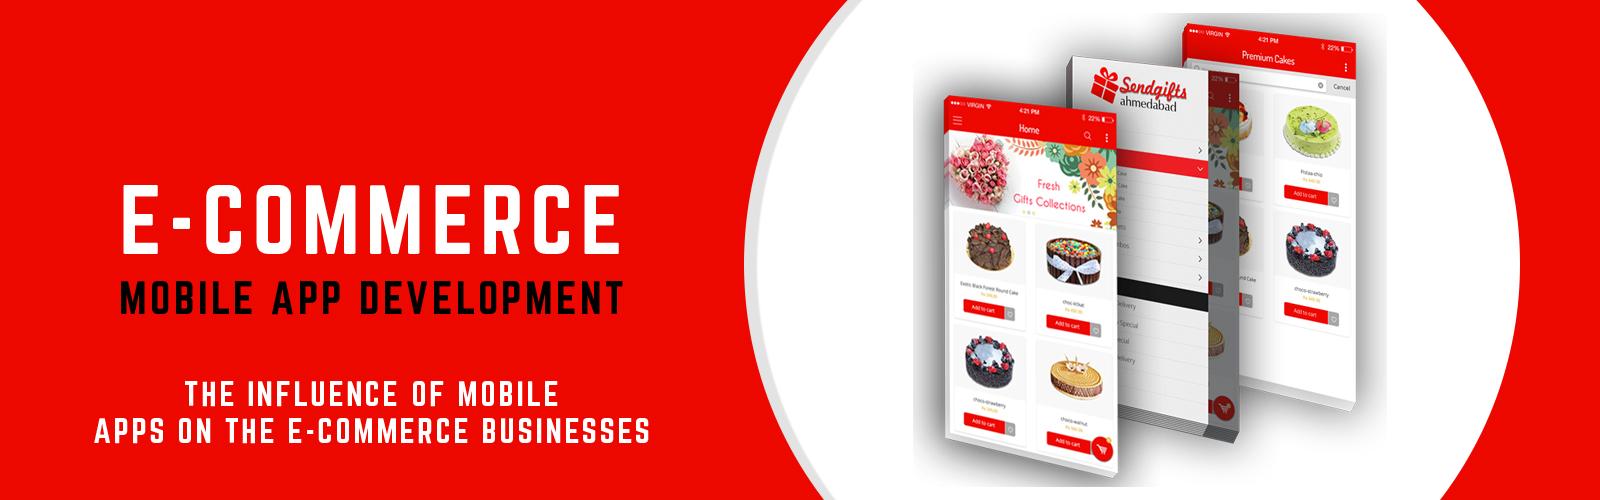 E-commerce Mobile App development